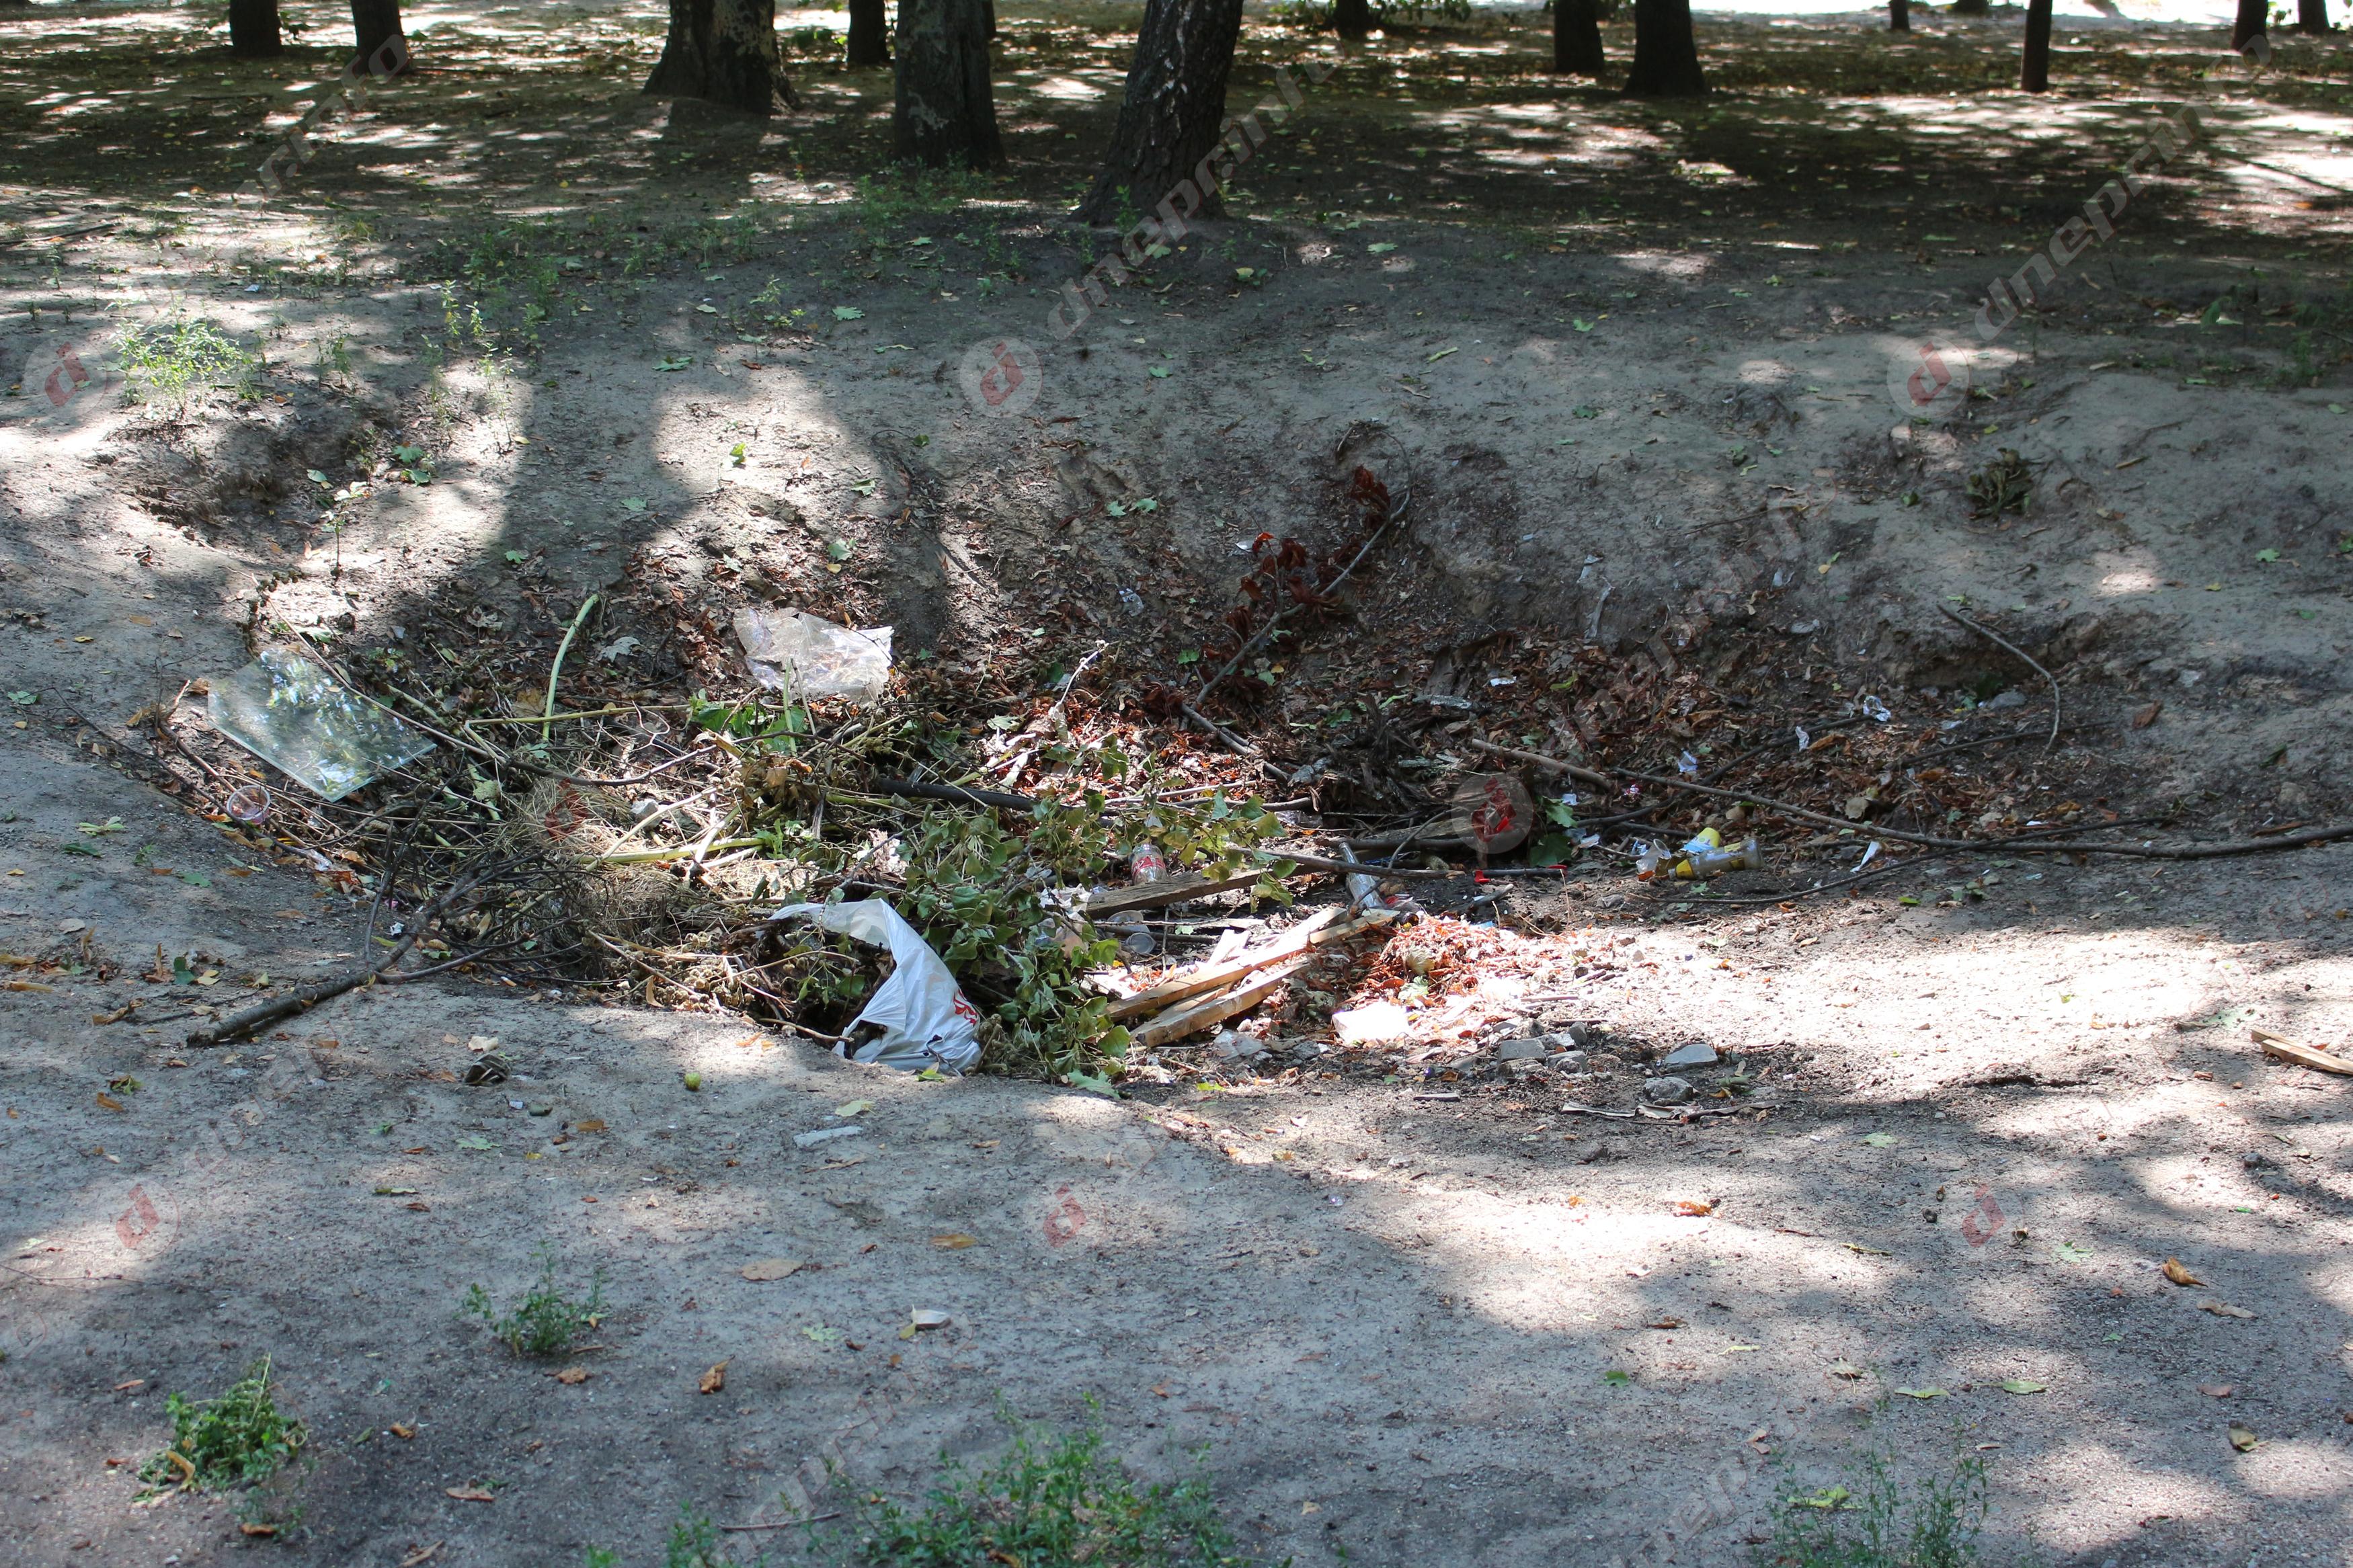 Трущобы Днепра: шприцы, свалки и постоянная опасность для детей – в каких условиях живут жители Тополя. Новости Днепра